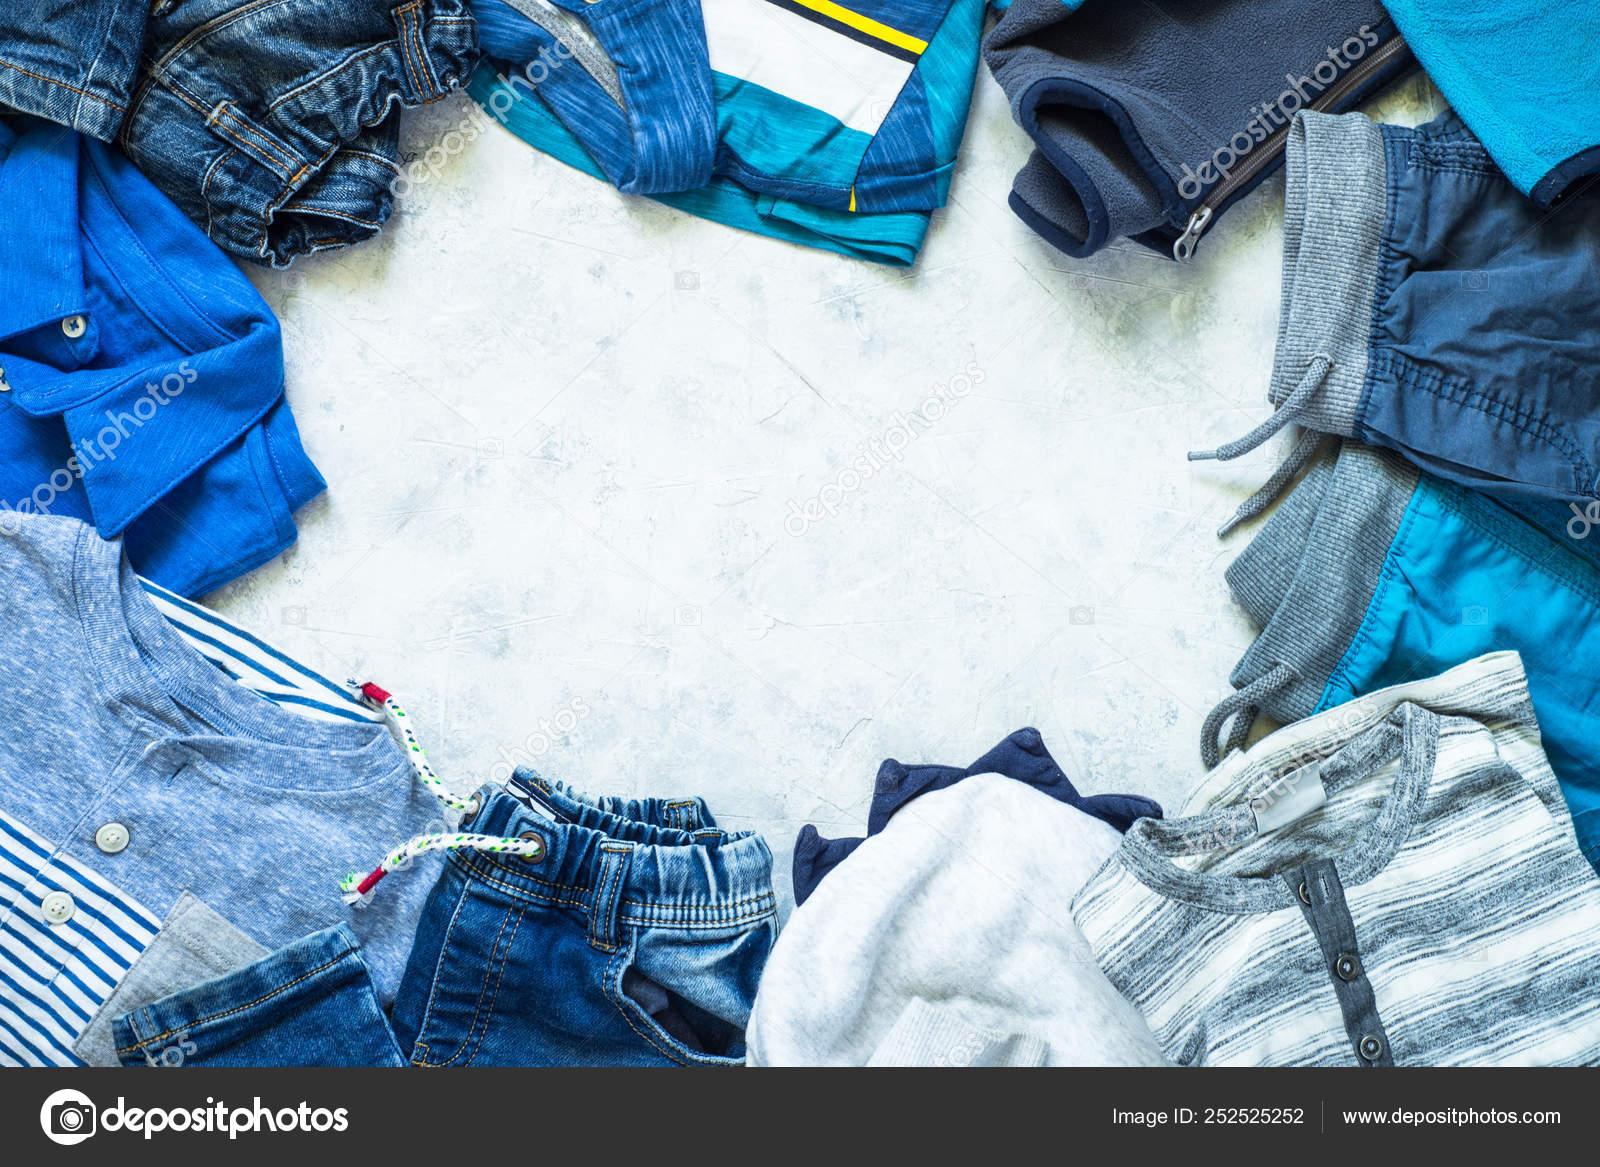 66bcb2582 Roupa de criança - jeans